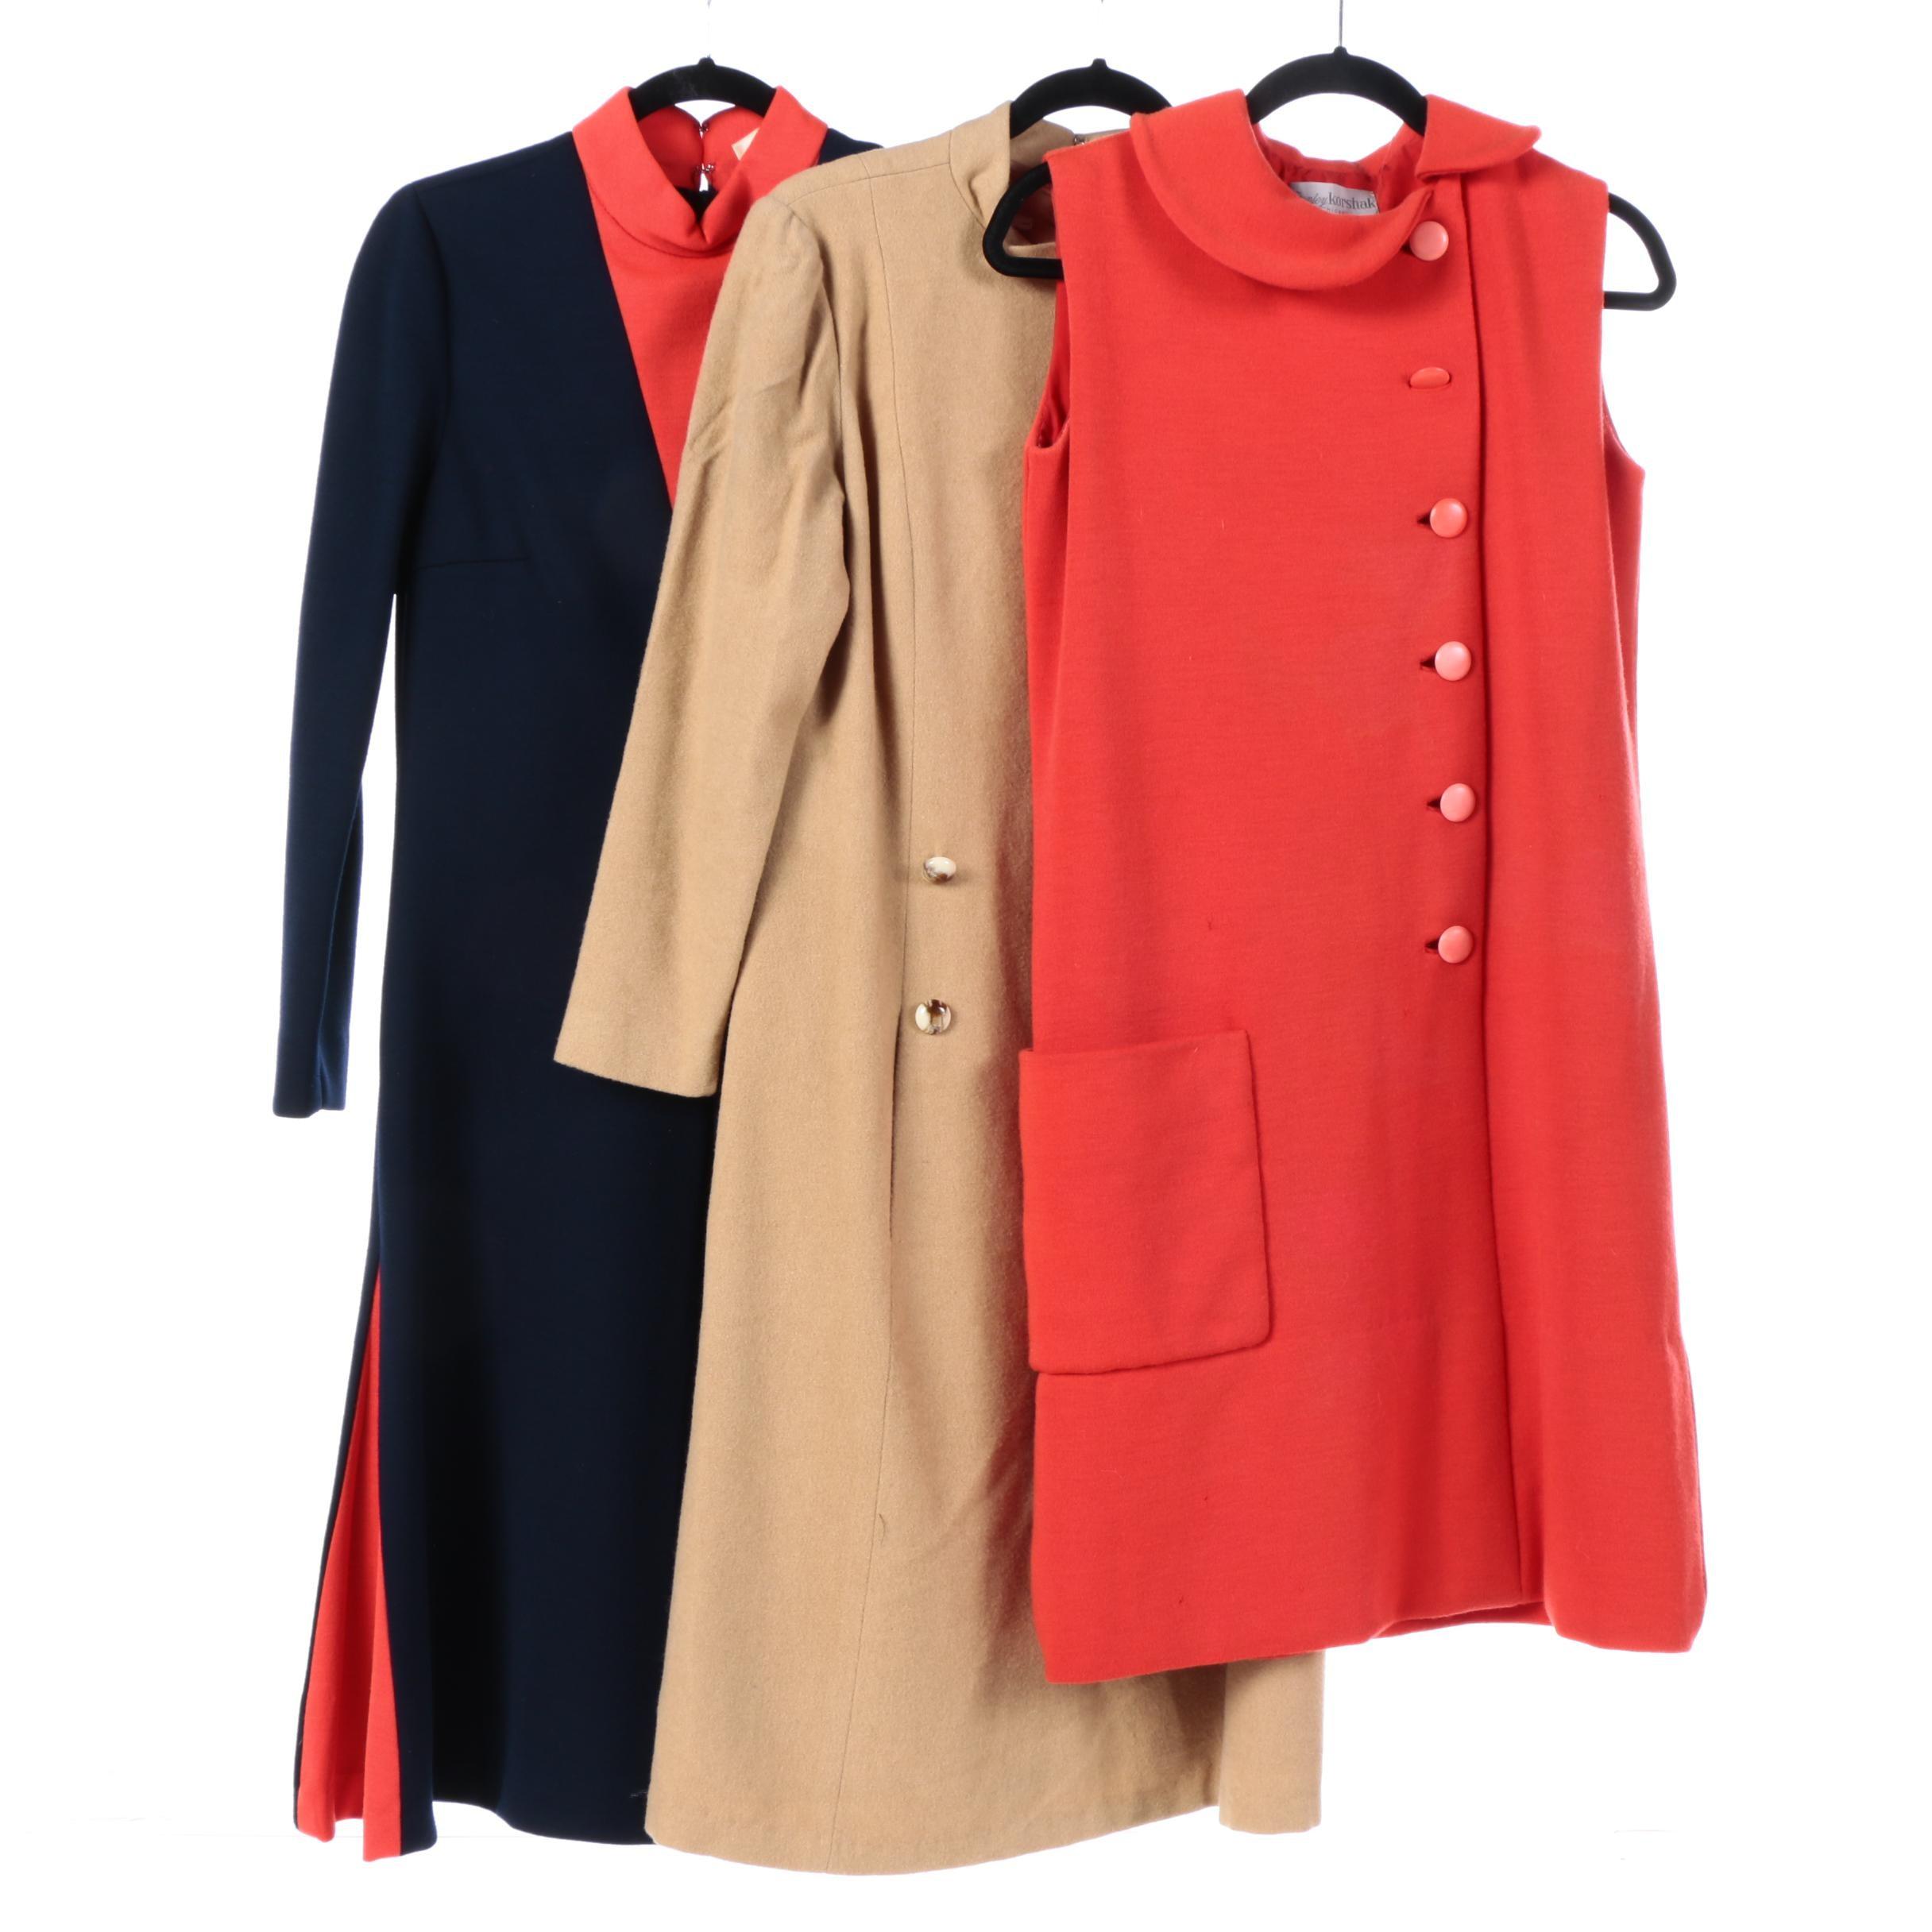 1960s Vintage Knit Dresses Including Lillie Rubin, Stanley Korshak, Donle